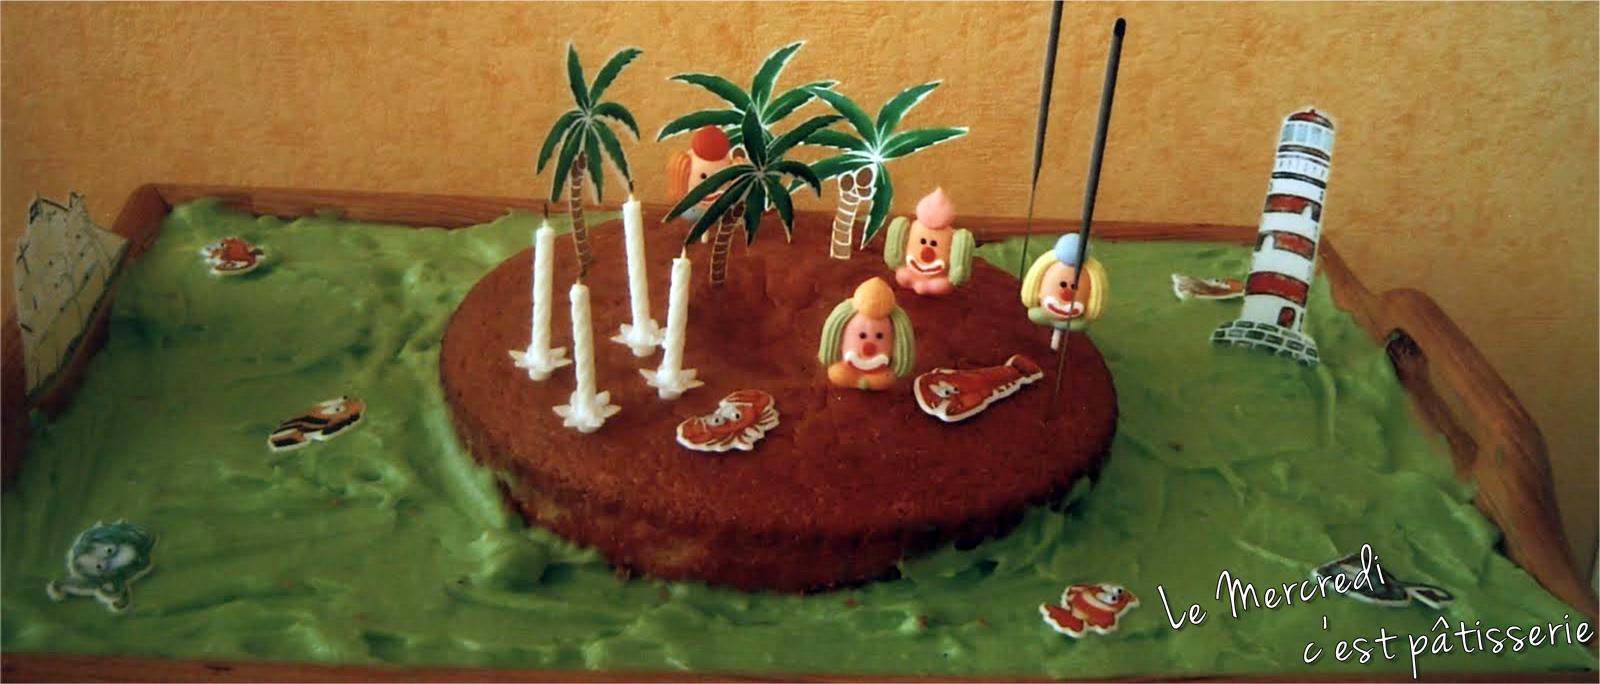 https://le-mercredi-c-est-patisserie.blogspot.com/2011/09/lile.html